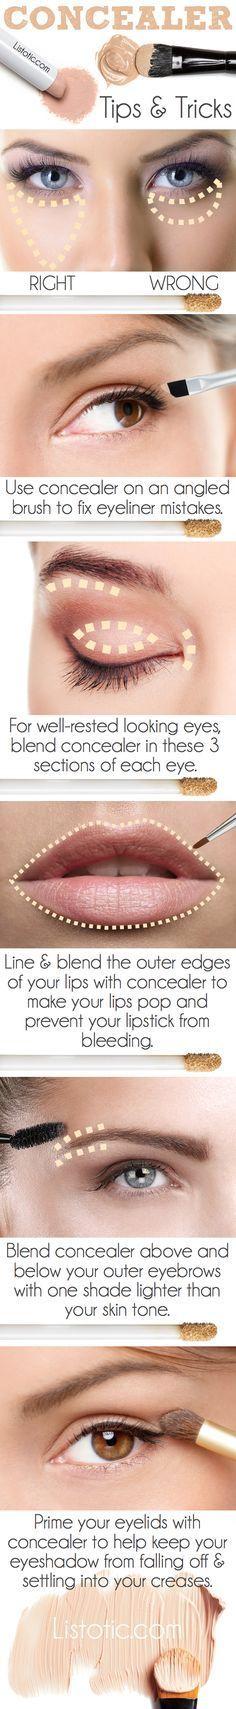 No te equivoques más, checa estos consejos sobre maquillaje.